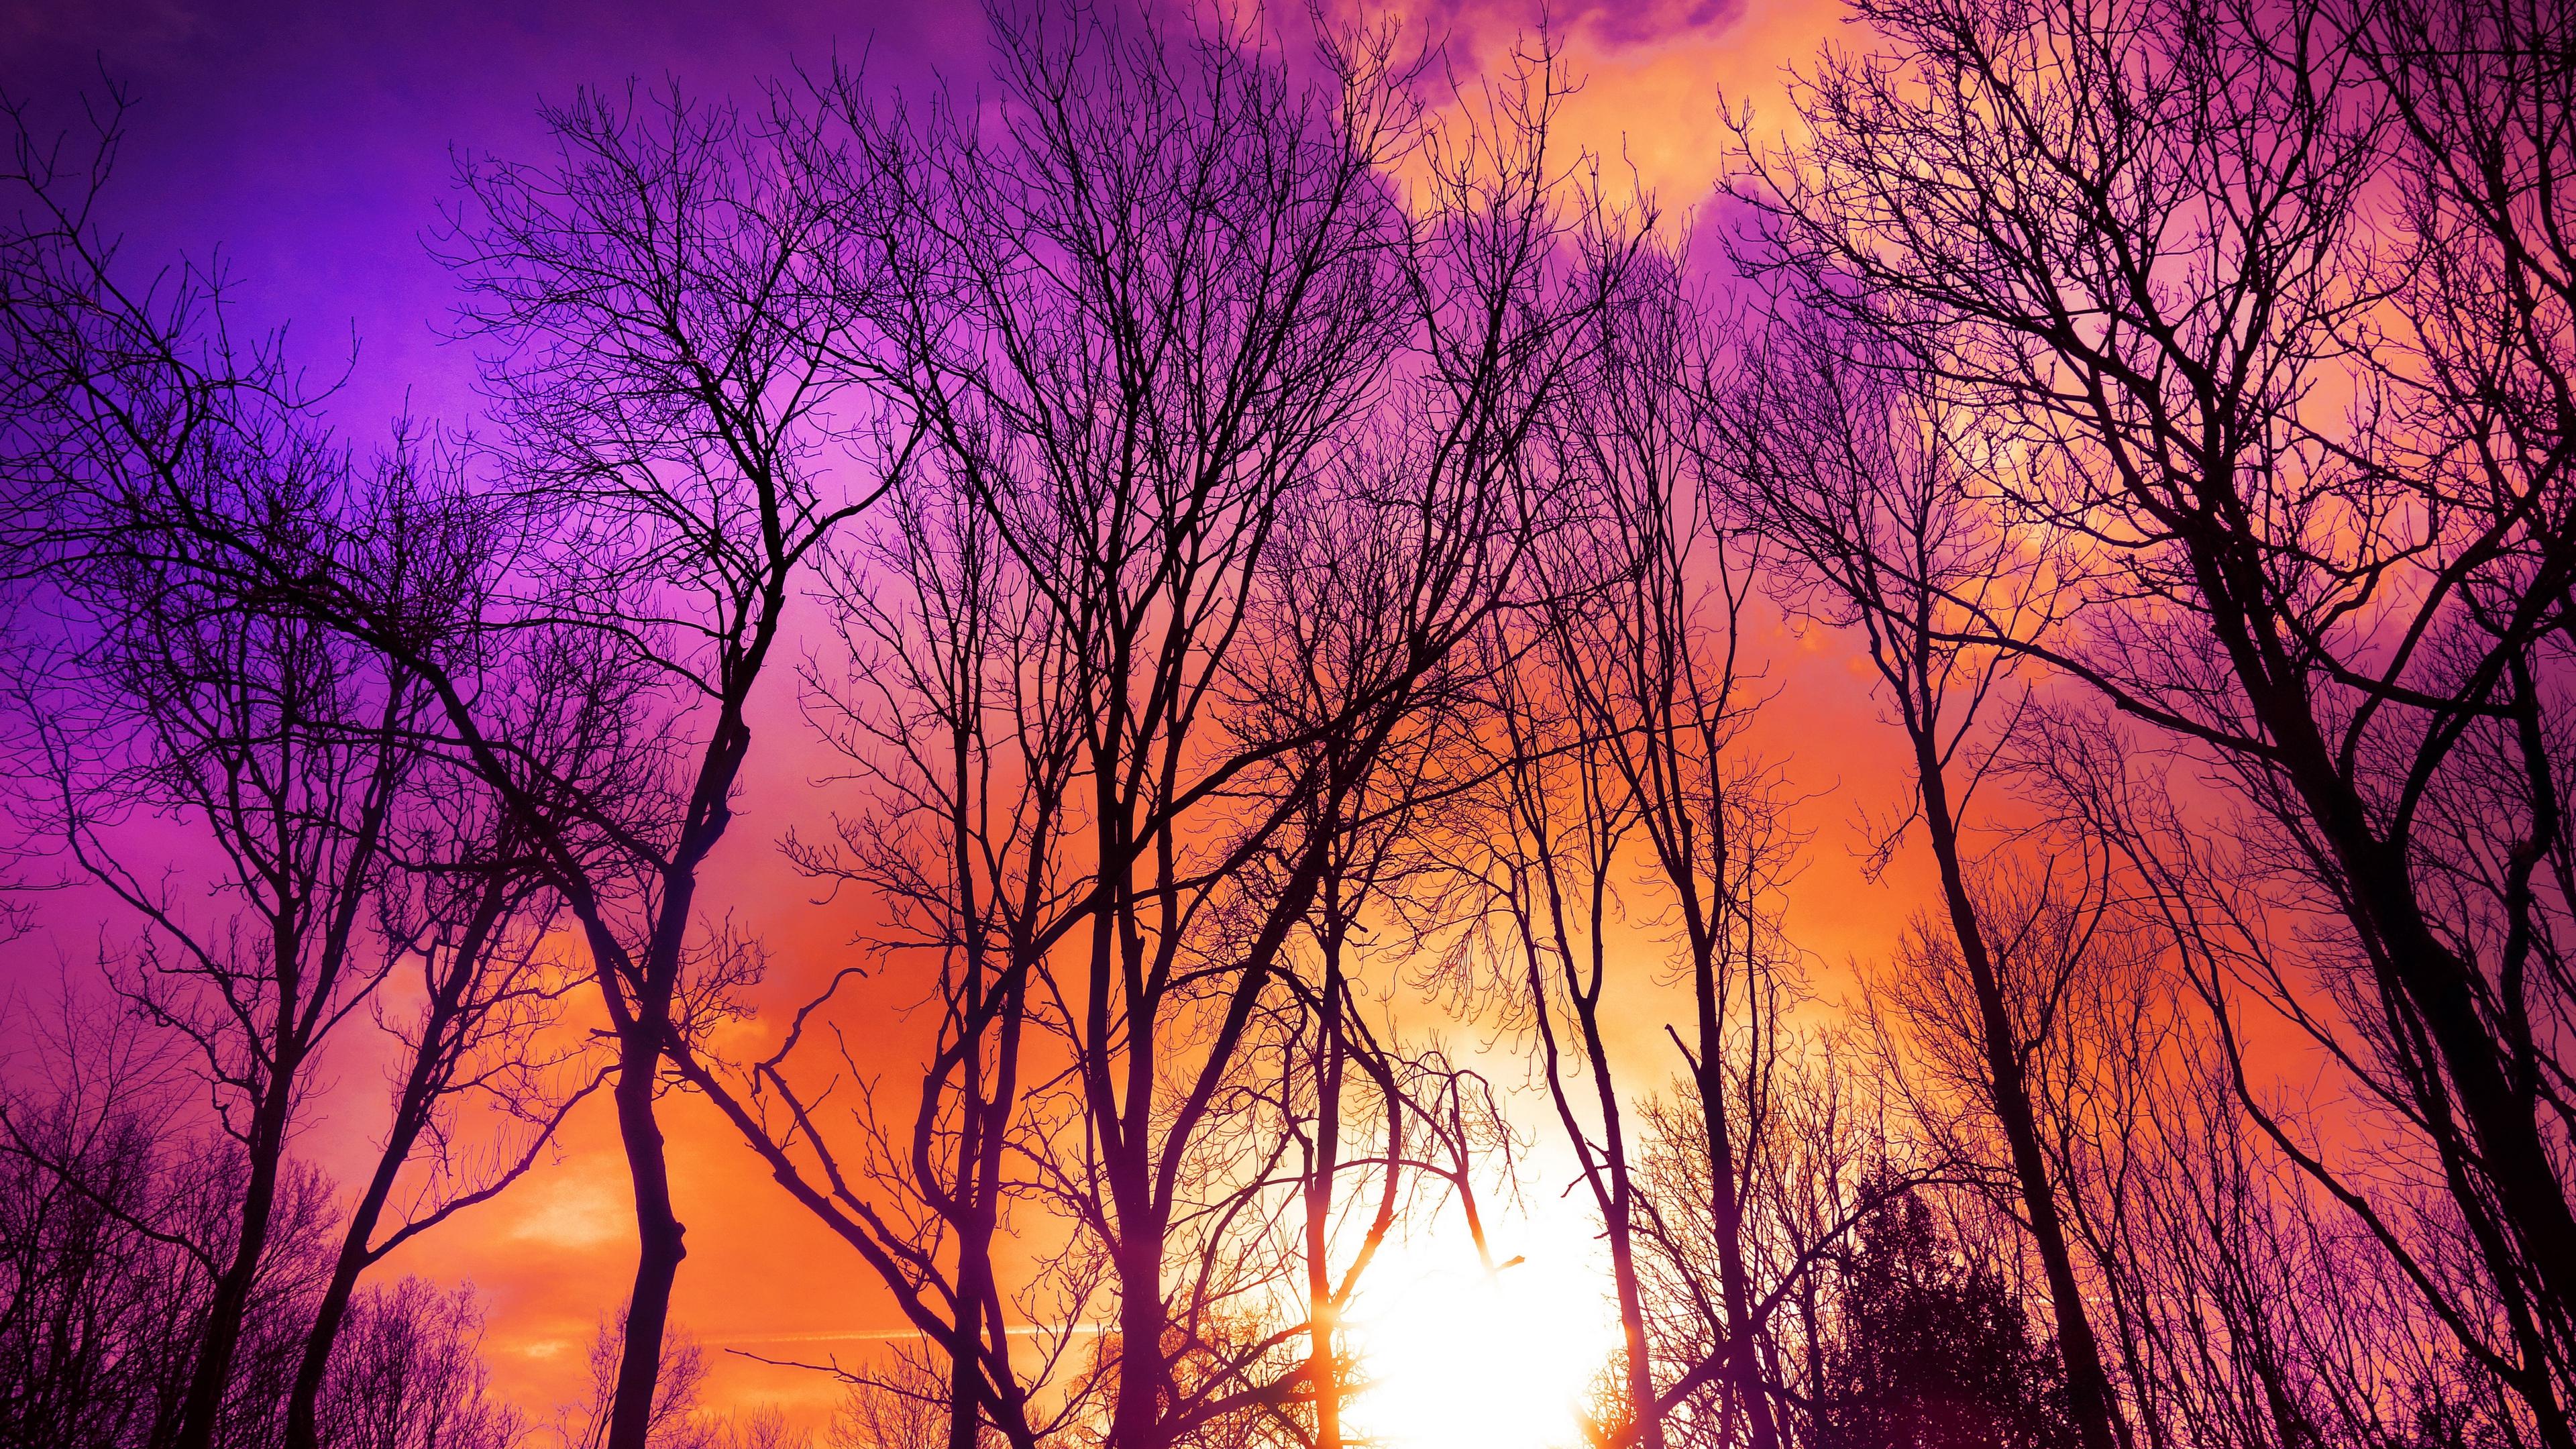 trees sunset autumn 4k 1541117361 - trees, sunset, autumn 4k - Trees, sunset, Autumn